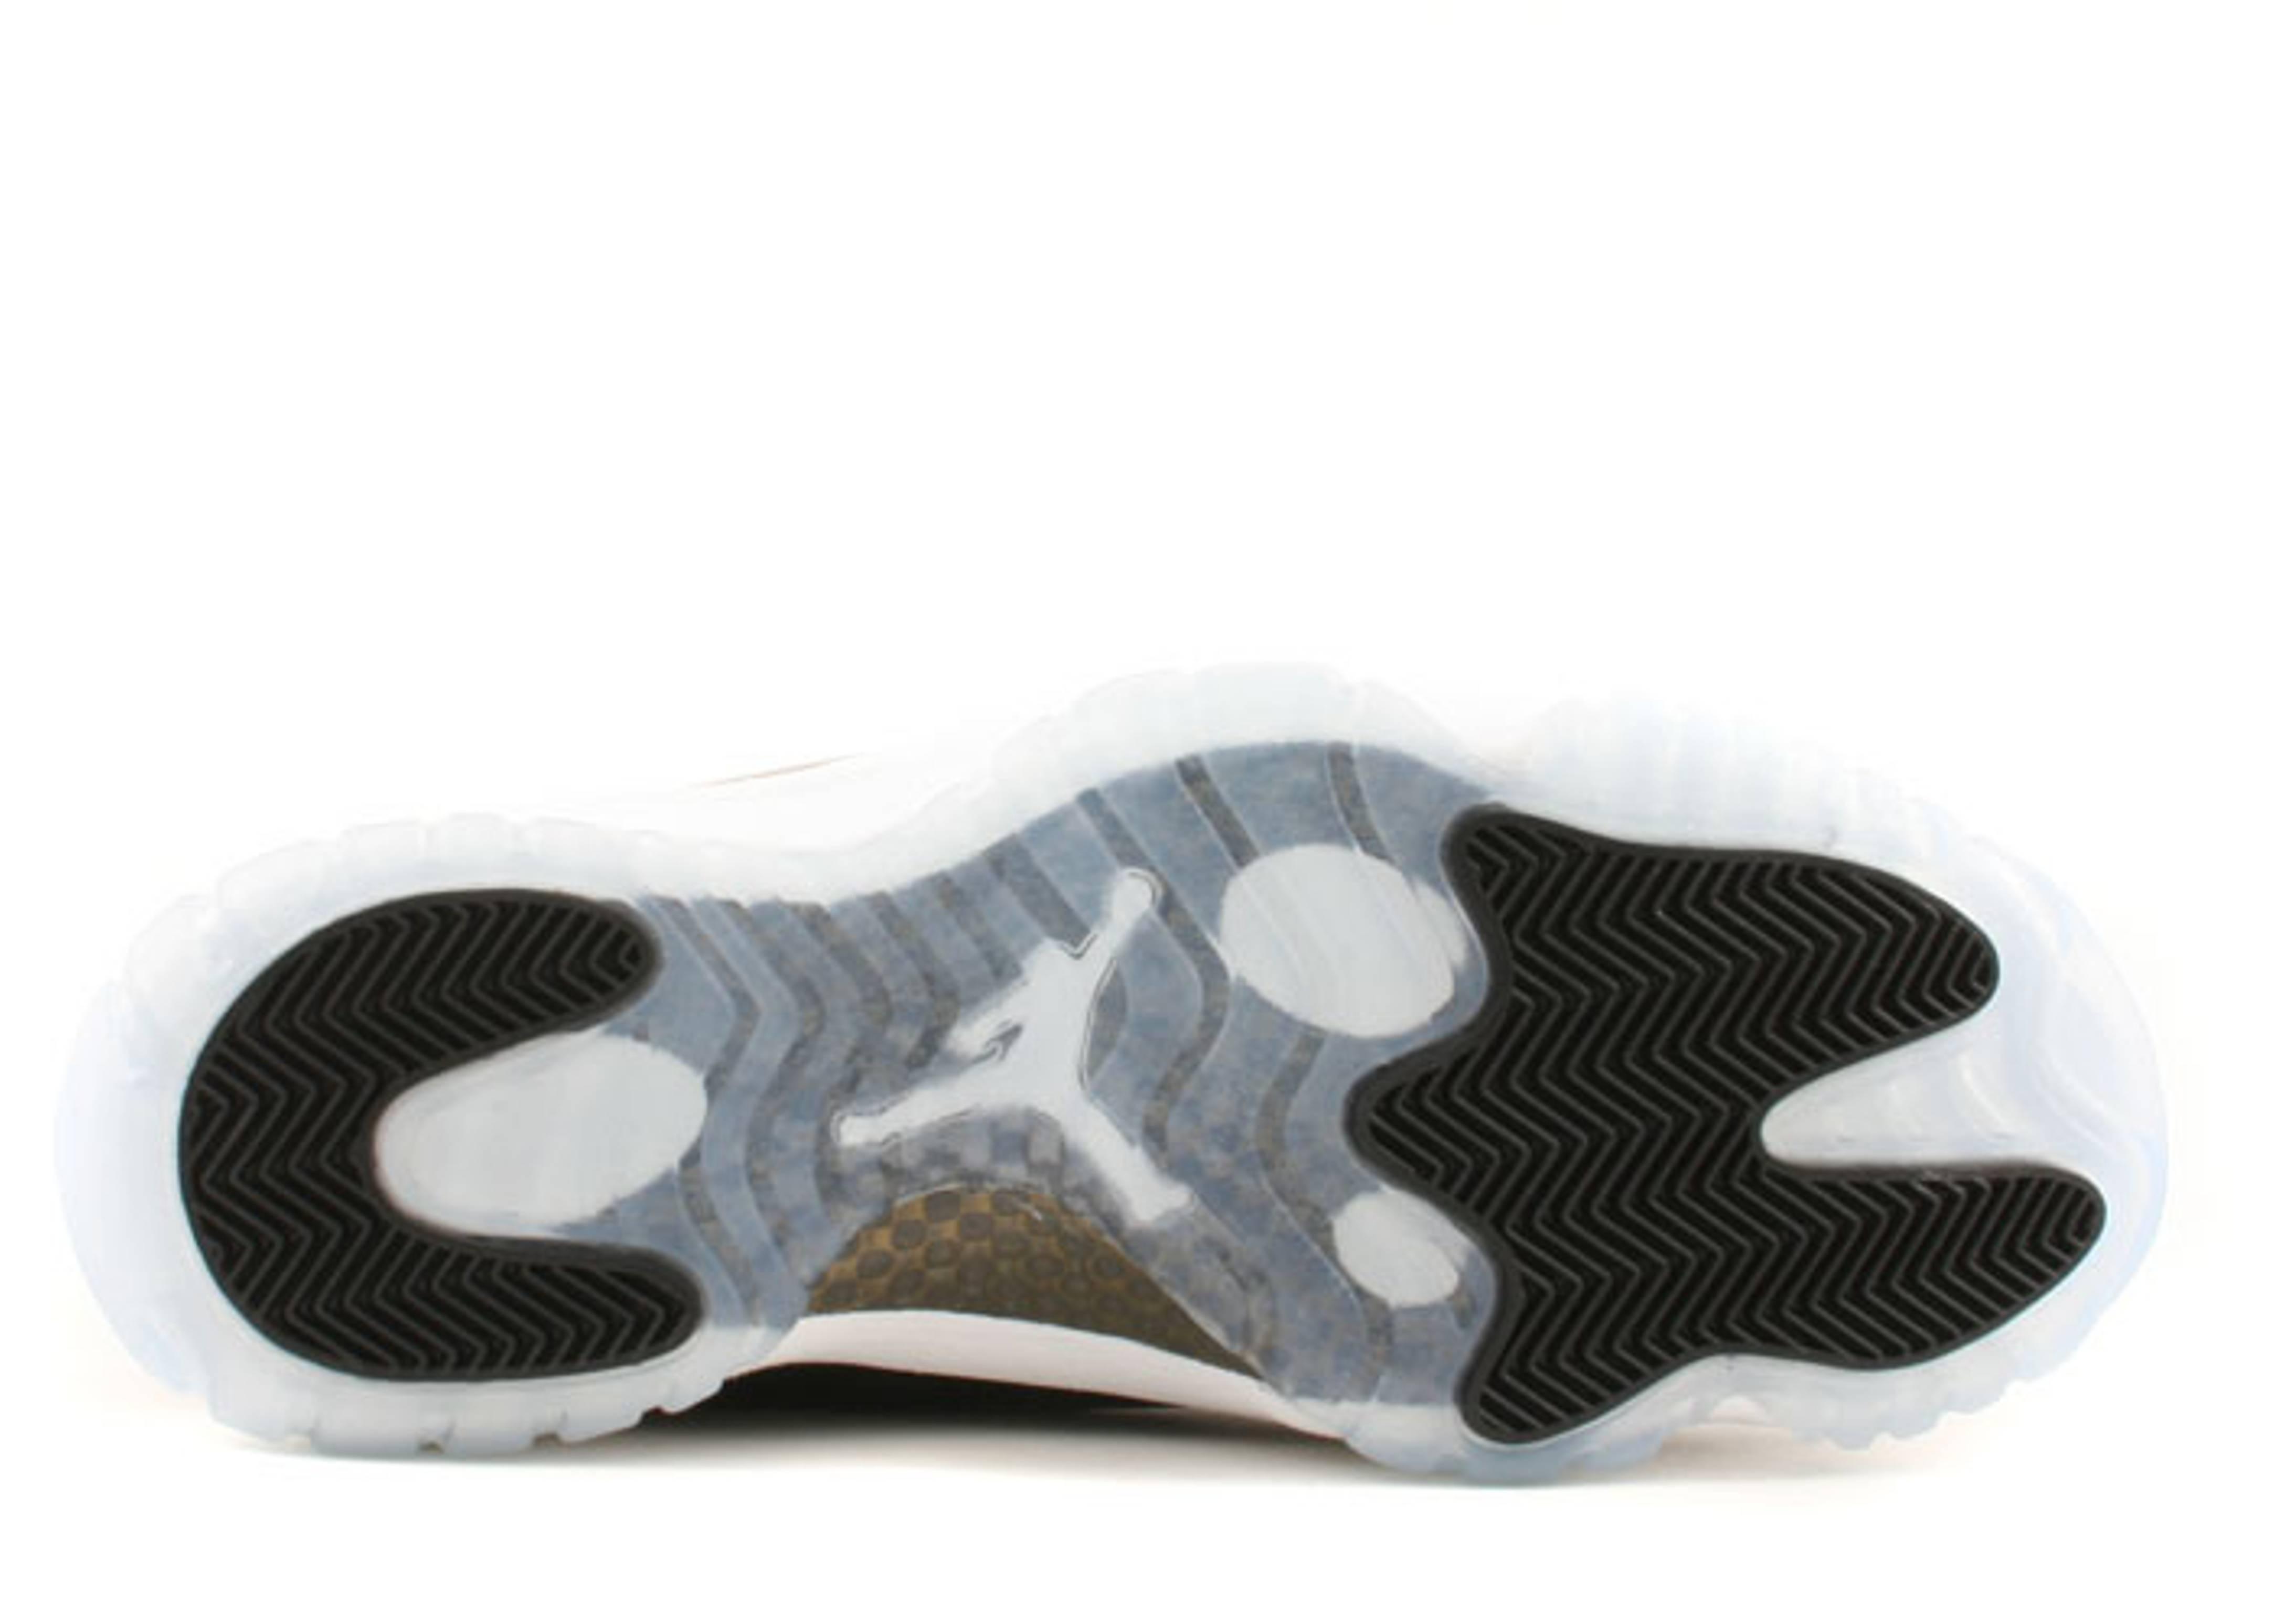 23a149aa3f2 Air Jordan 11 Retro+